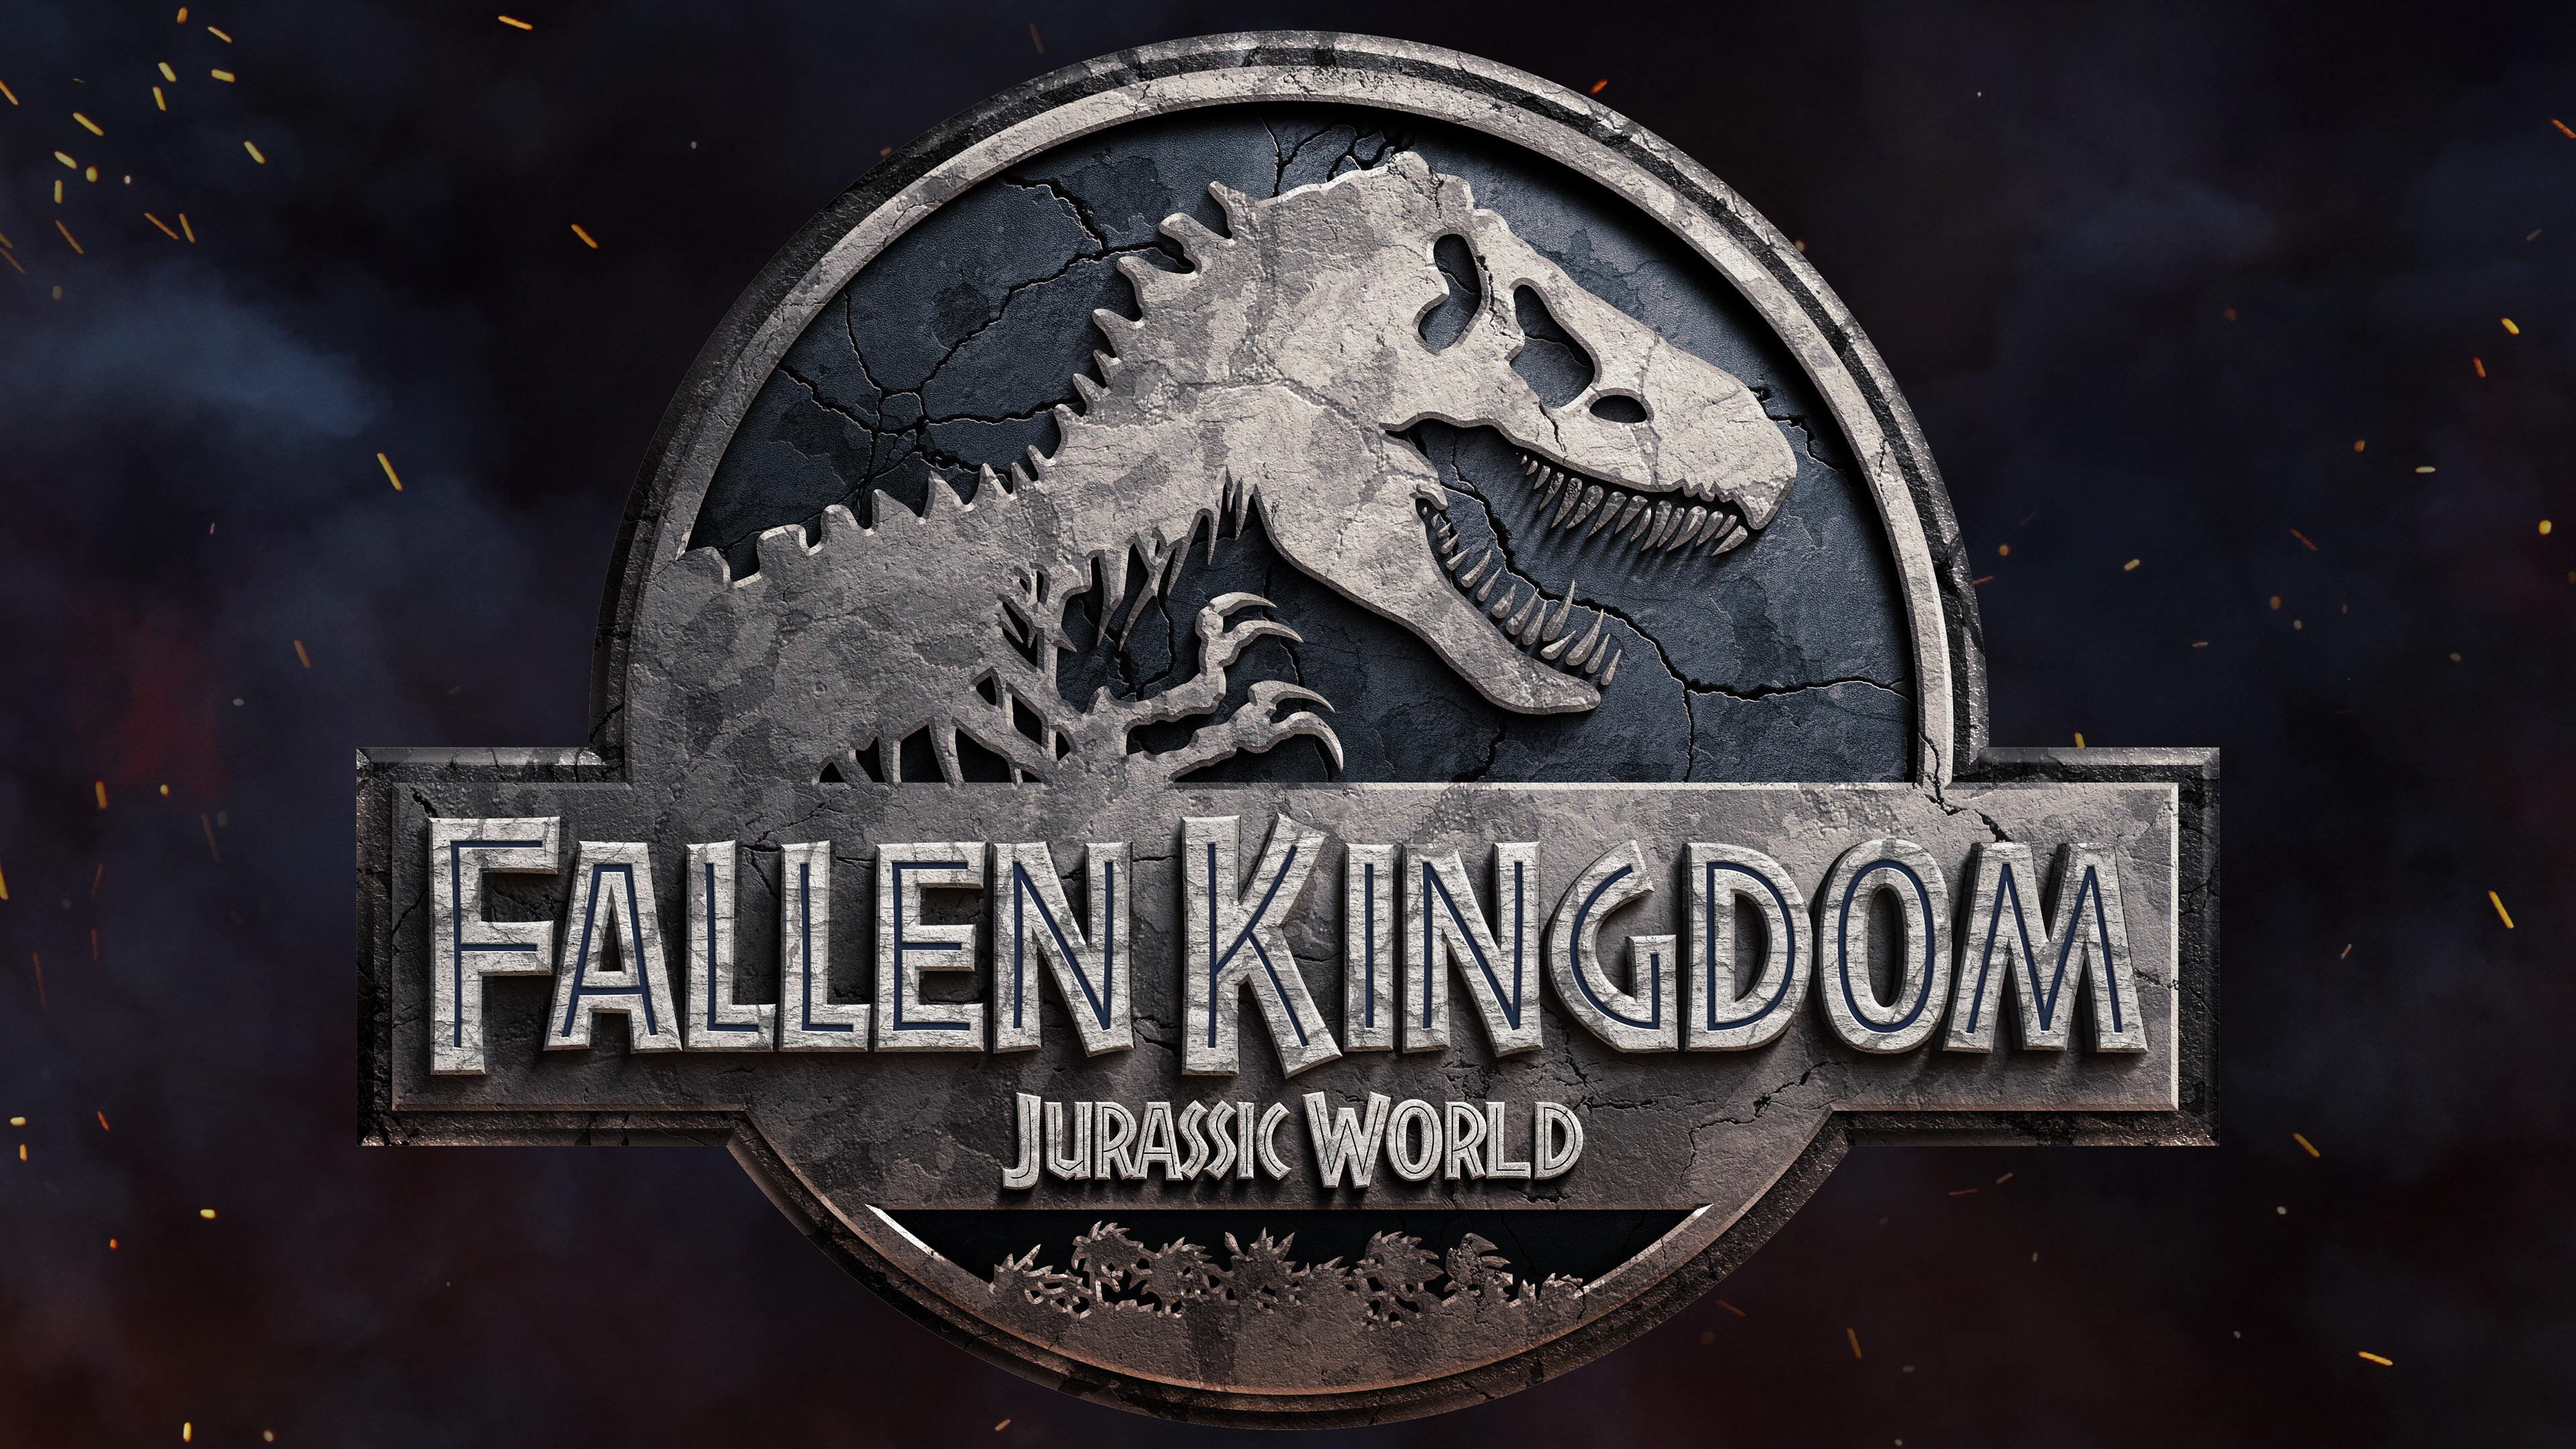 Jurassic World Fallen Kingdom 2018 4k Hd Movies 4k